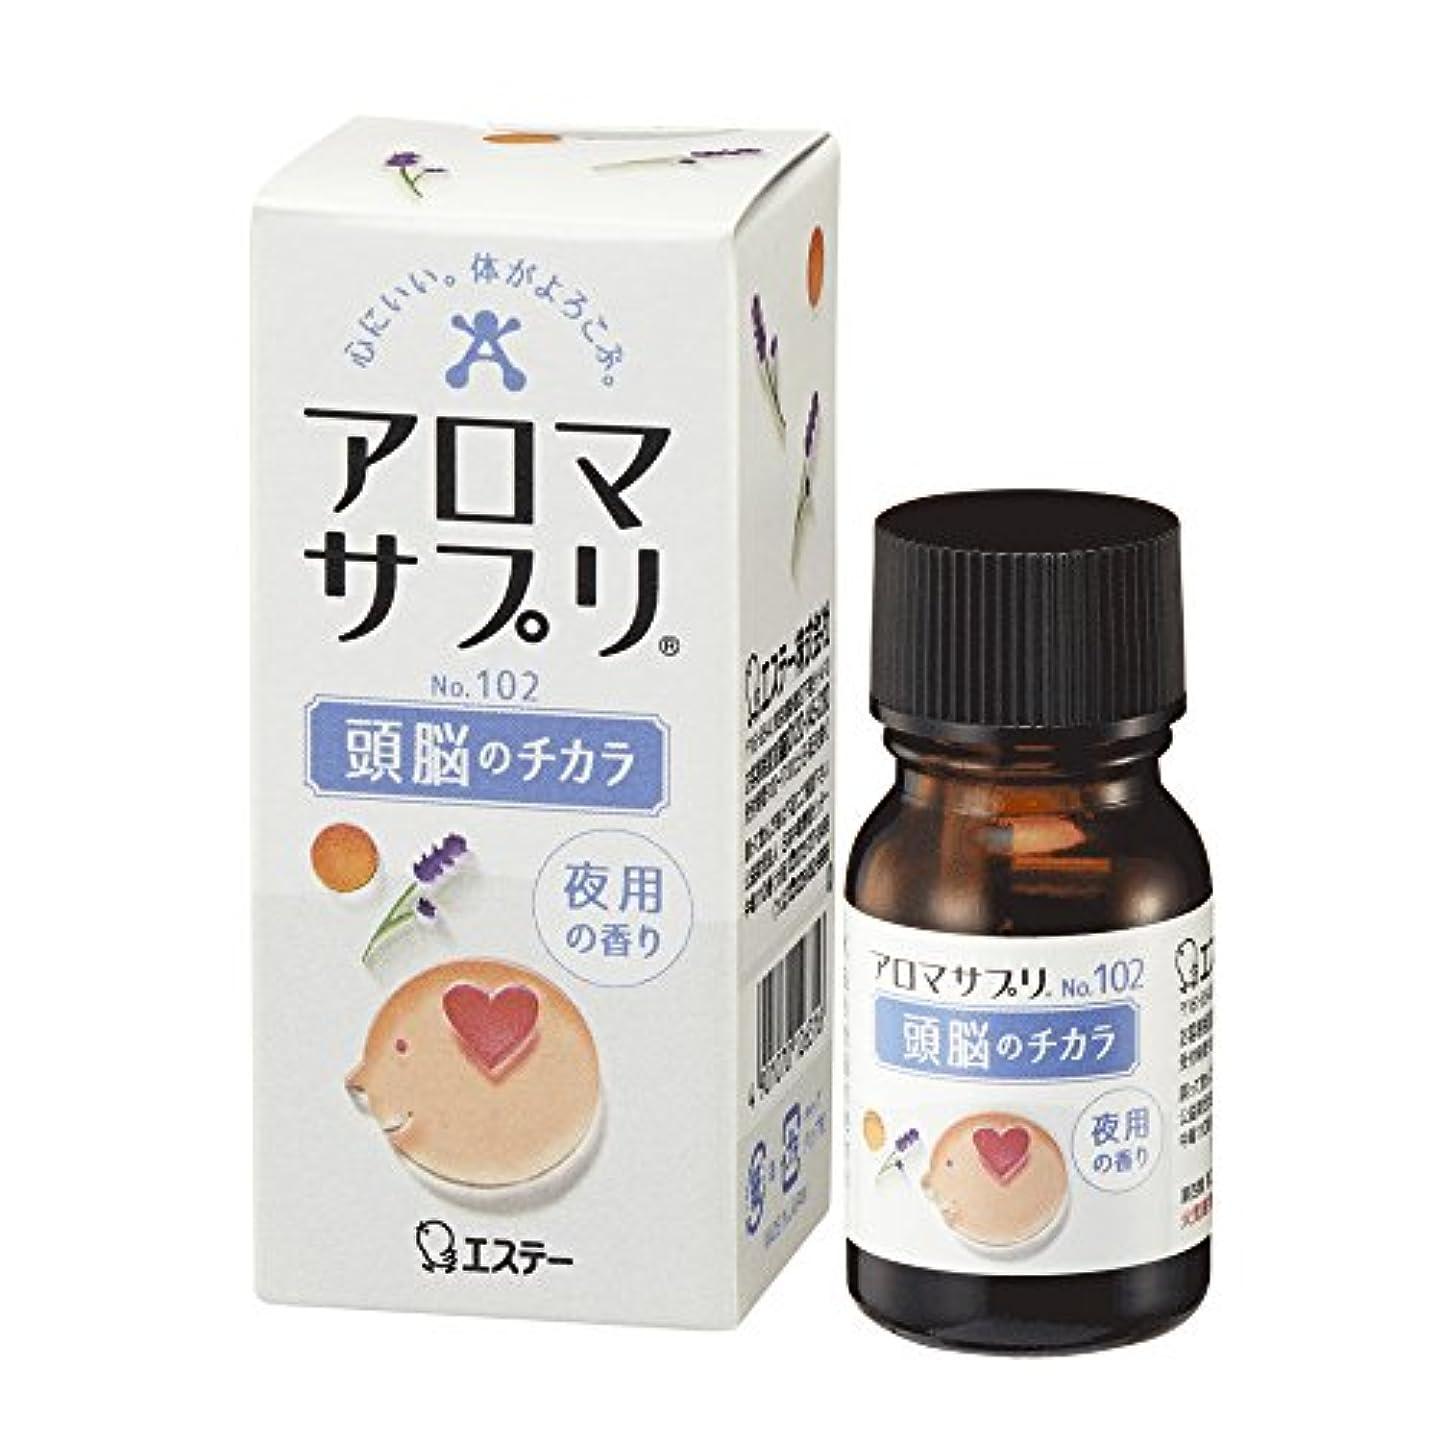 解説予定ブルゴーニュアロマサプリ 100%天然ブレンドアロマ 頭脳のチカラ 夜用の香り 真正ラベンダー&スイートオレンジ 10ml (約60回分)